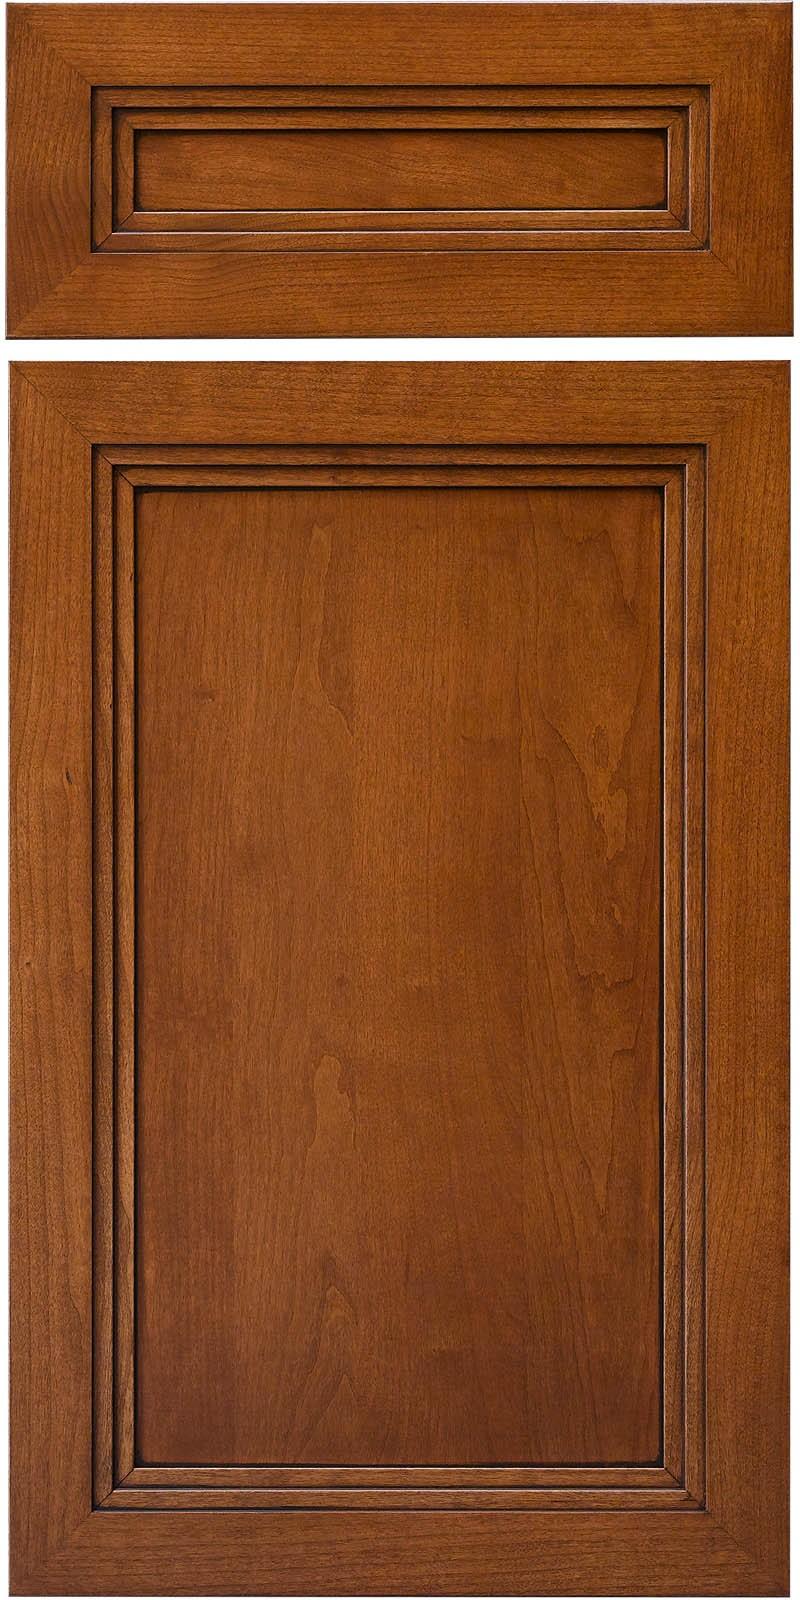 Crp10382 Recessed Panel Construction Cabinet Doors